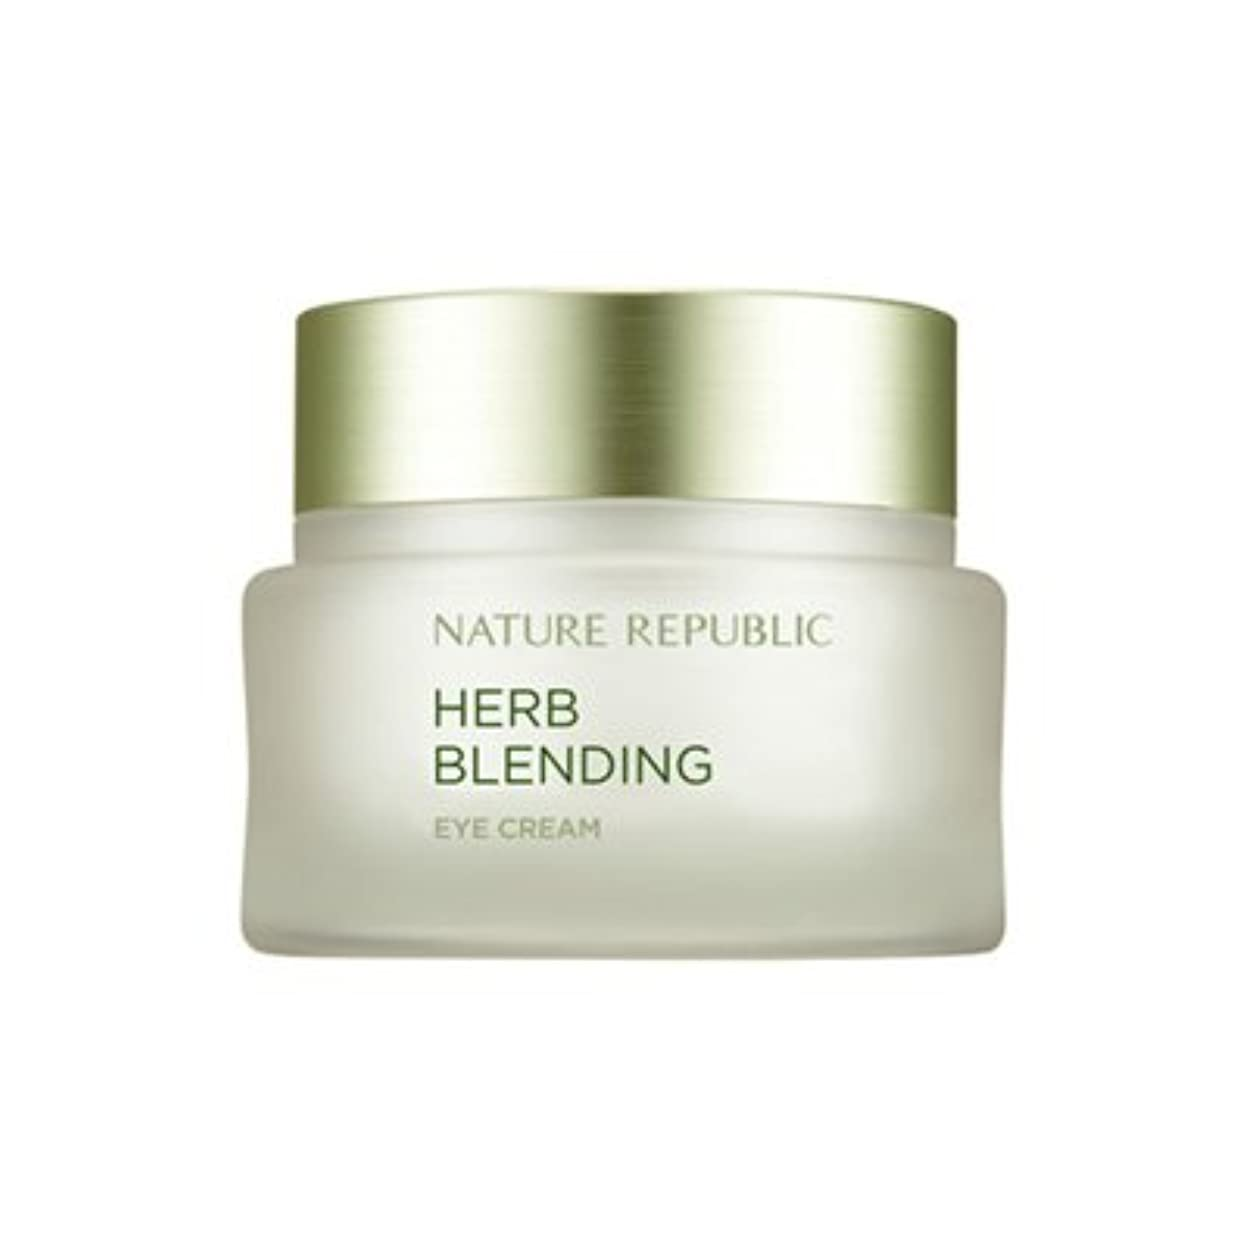 腹痛四分円コンサルタントNATURE REPUBLIC Herb Blending Eye Cream ネイチャーリパブリック ハーブブレンドアイクリーム [並行輸入品]